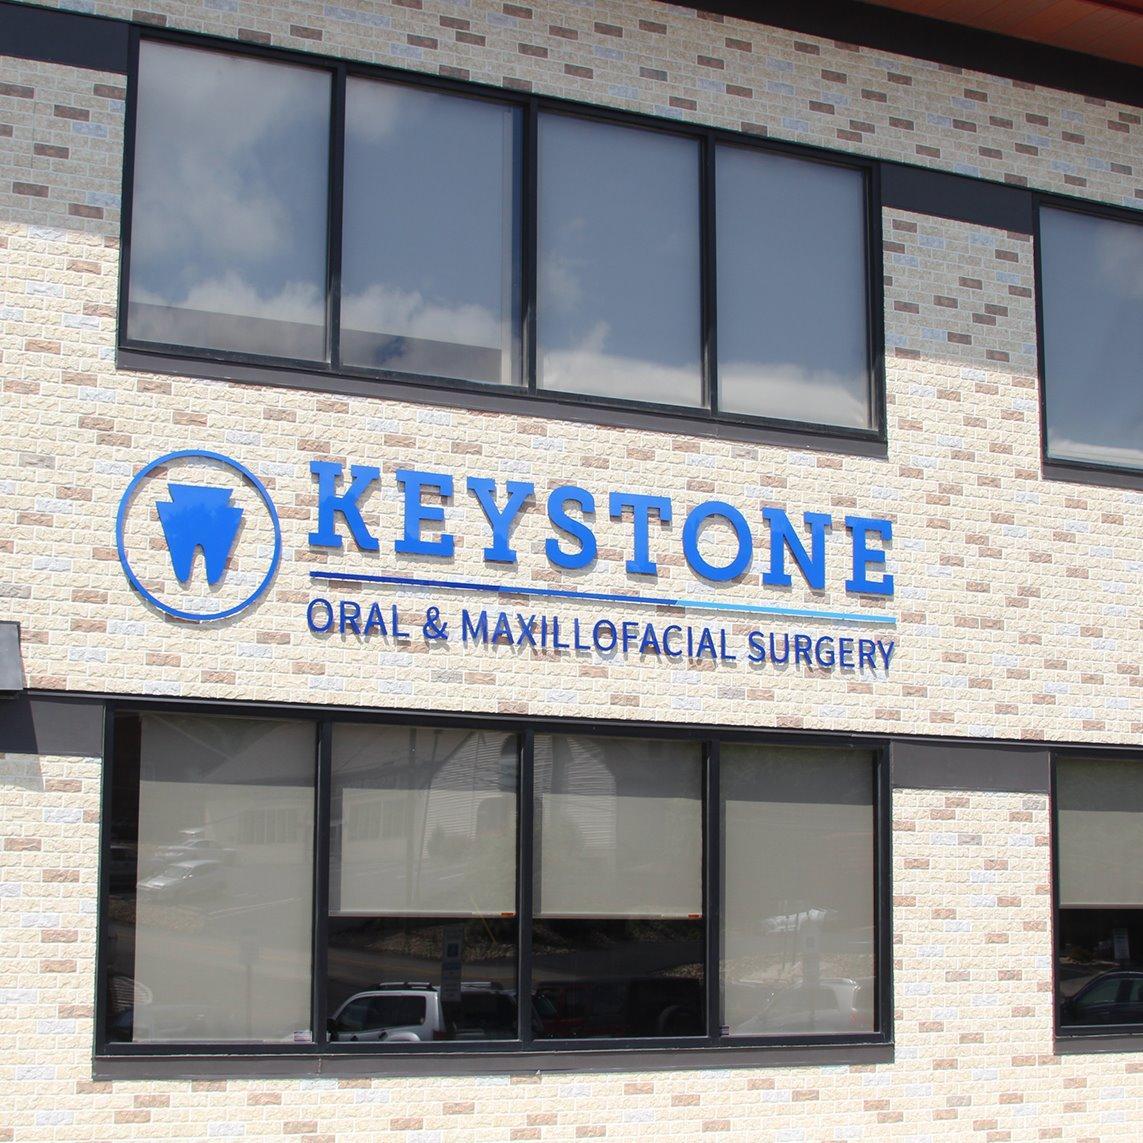 Keystone Oral And Maxillofacial Surgery - Greensburg, PA - Dentists & Dental Services